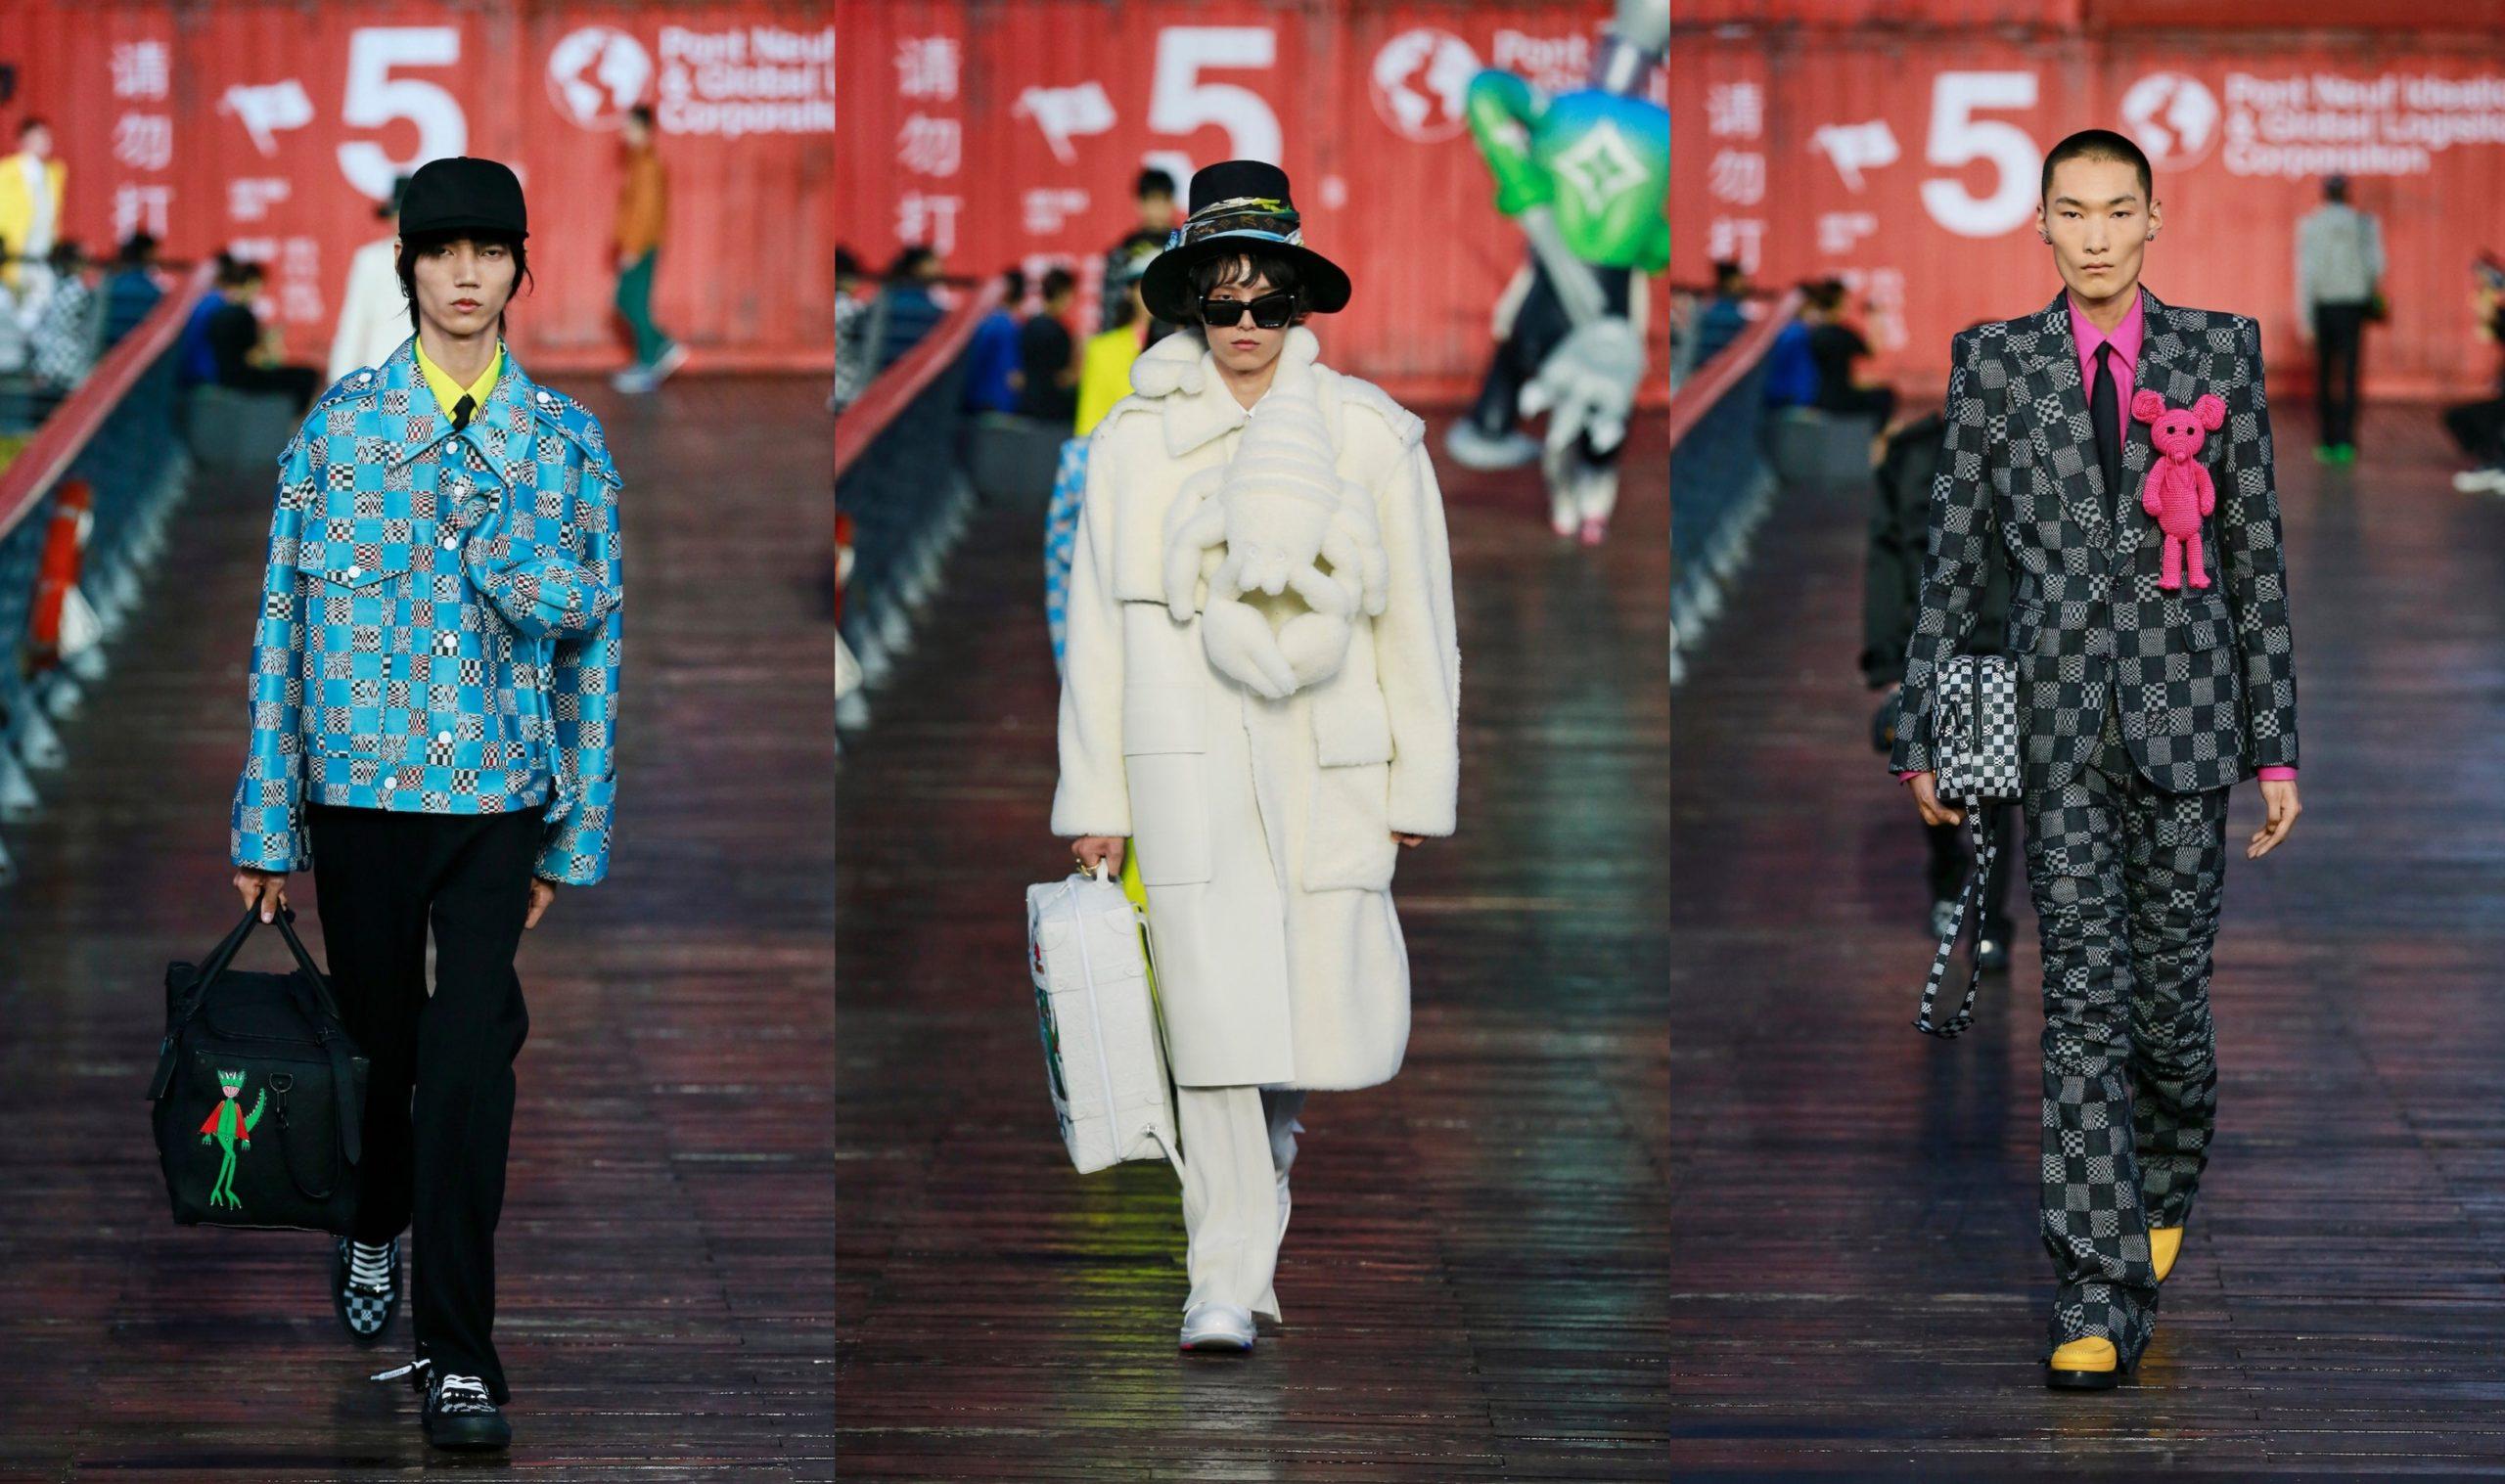 Louis Vuitton Menswear Spring/Summer 2021 Collection